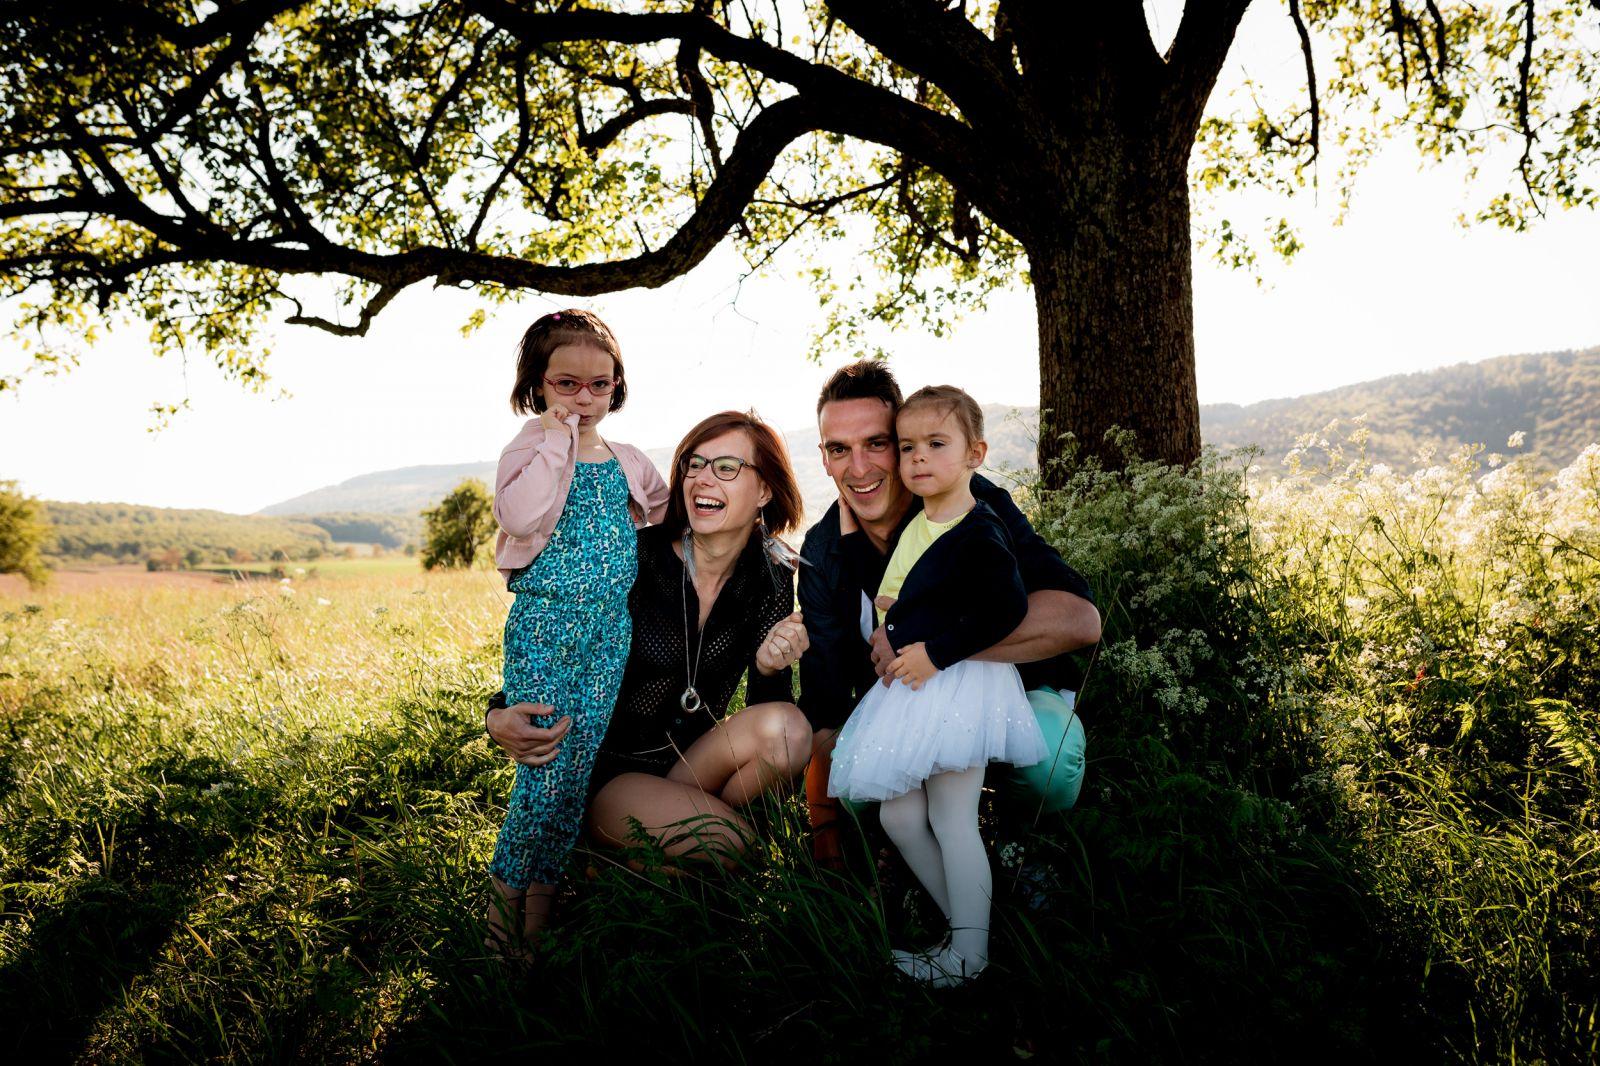 séance photos en famille enfant campagne été wissembourg